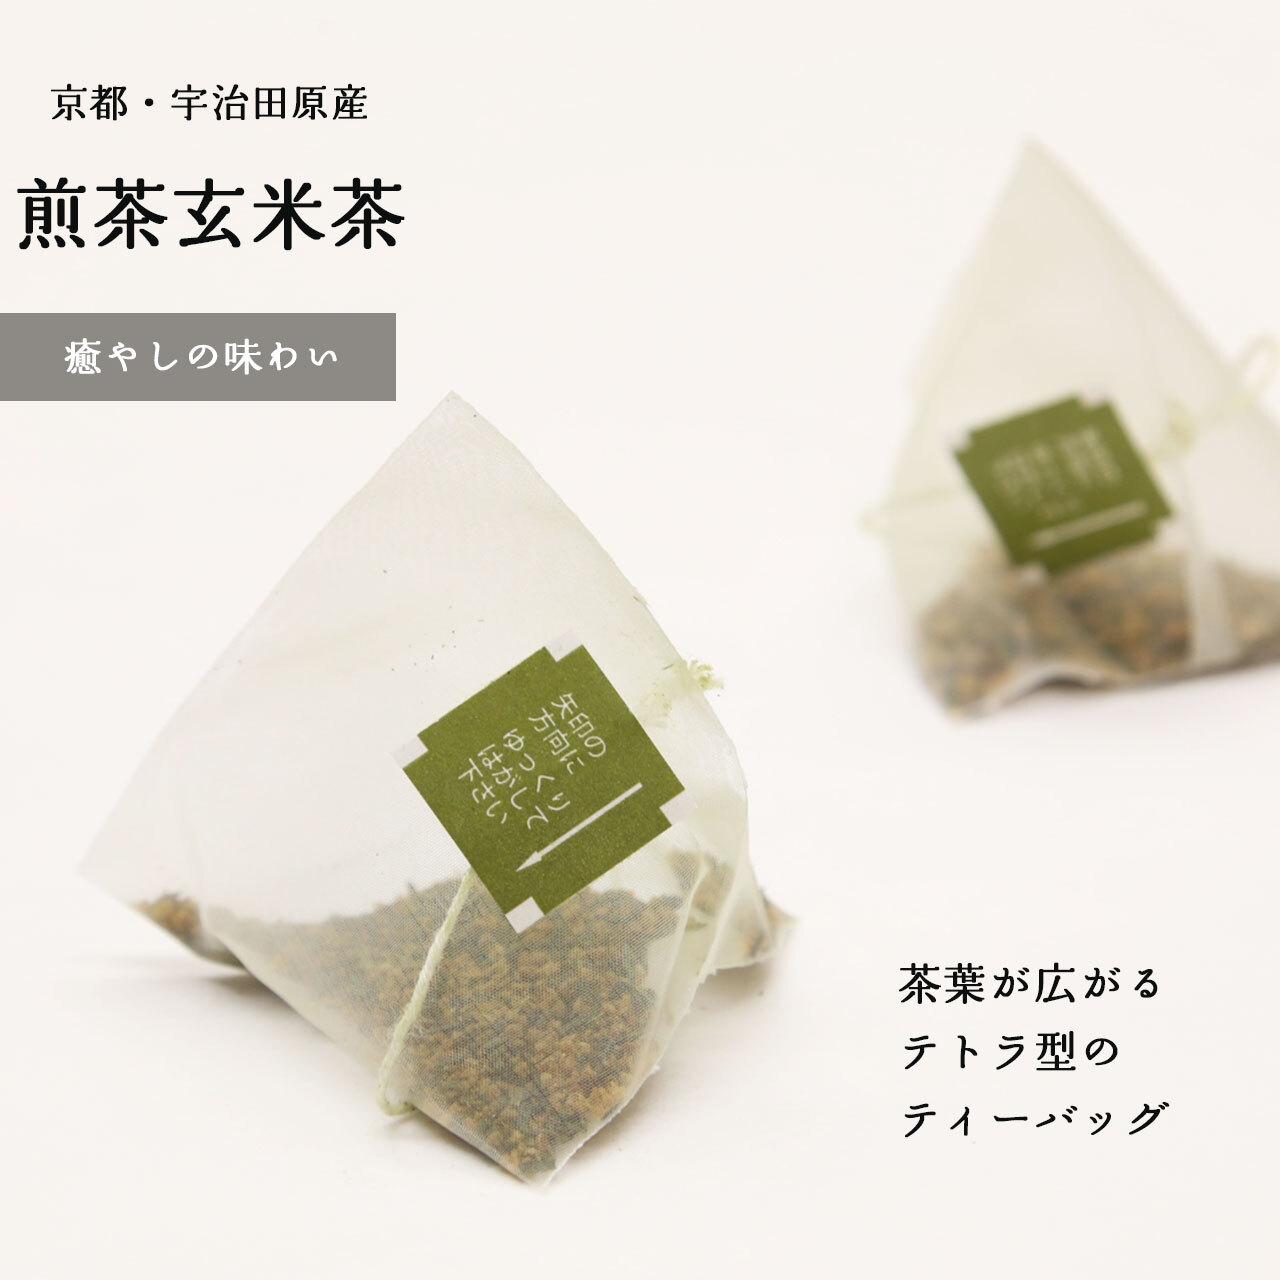 煎茶の風味を生かし、芳ばしい香りの煎茶入玄米茶